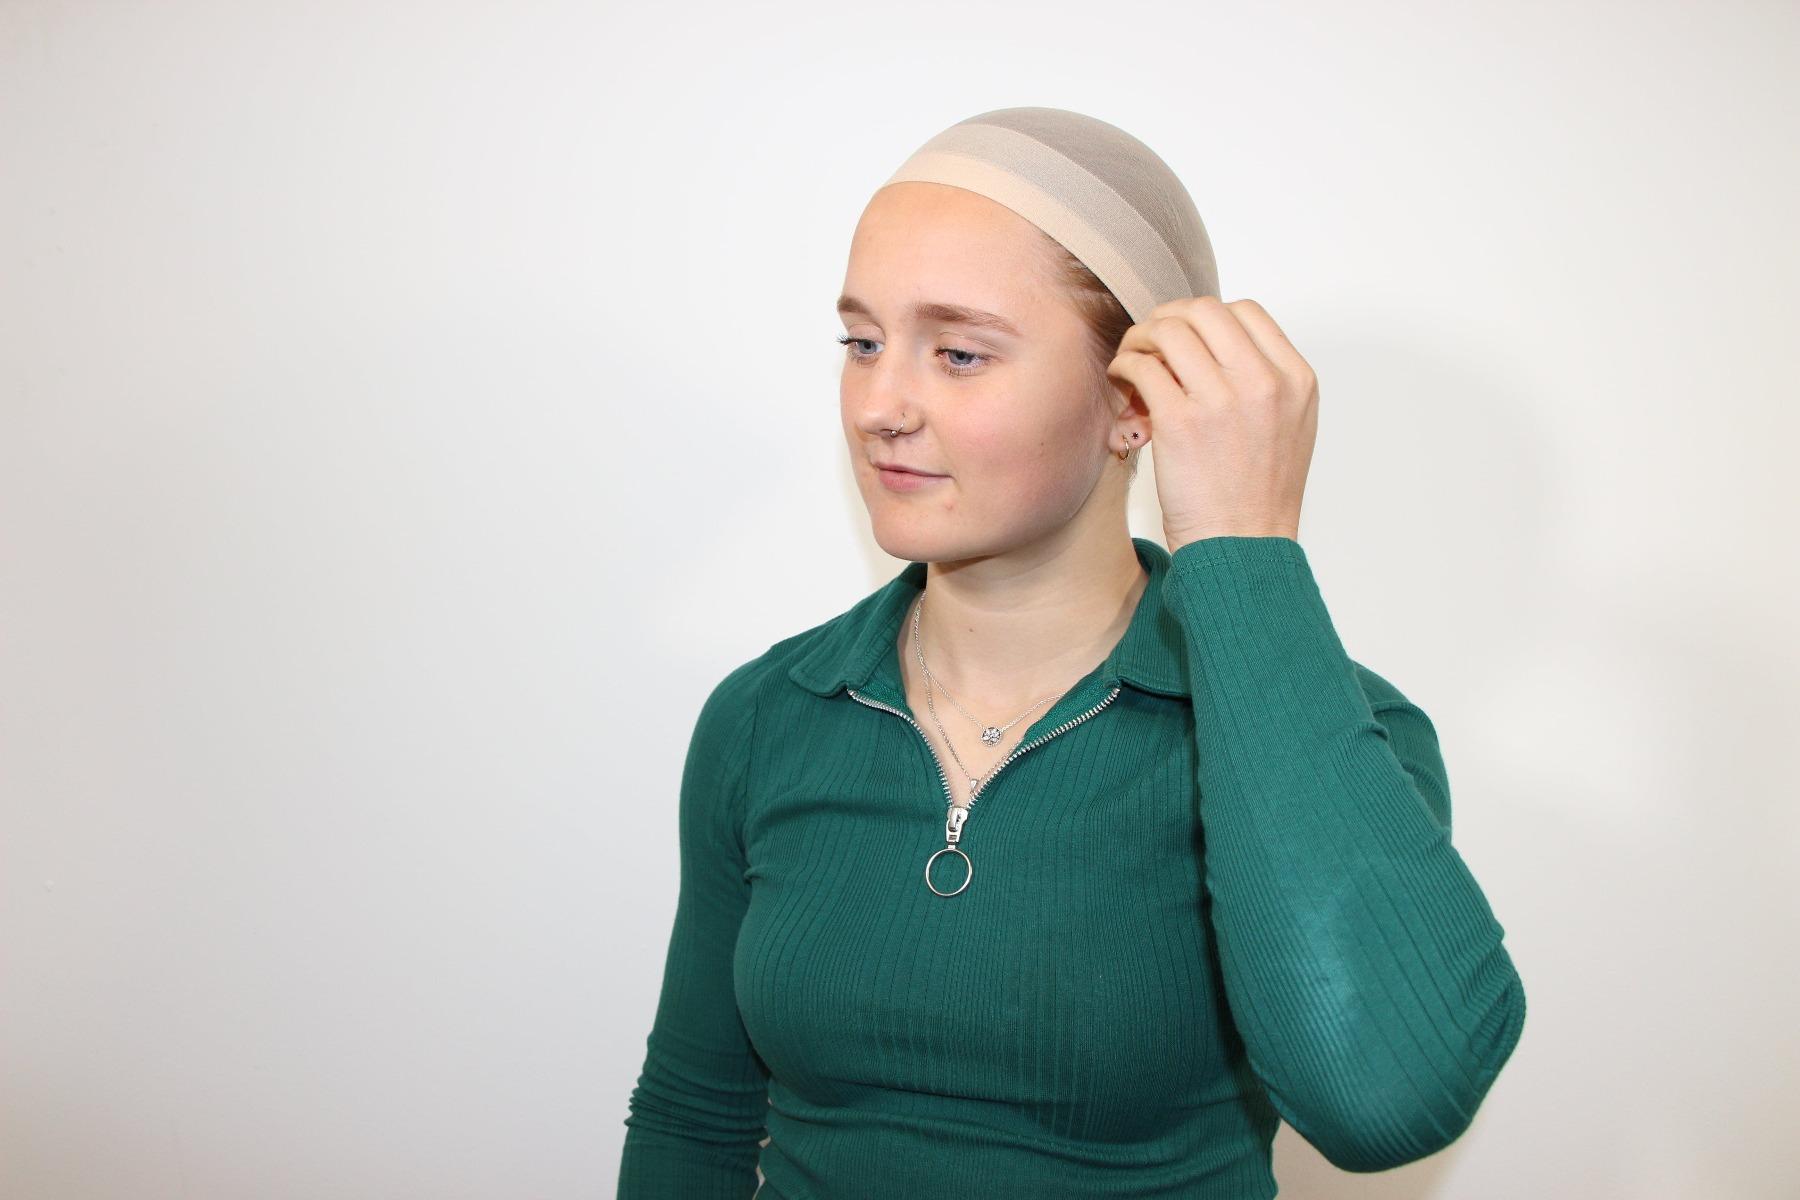 Lady tucking wig cap behind her ears